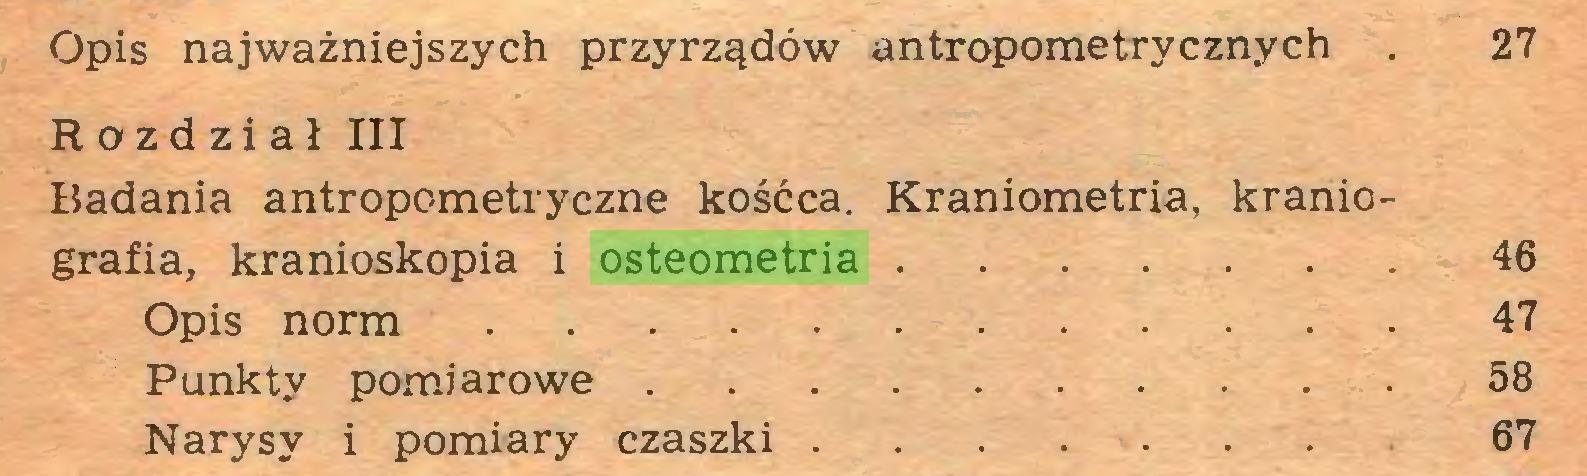 (...) Opis najważniejszych przyrządów antropometrycznych . 27 Rozdział III Badania antropometryczne kośćca. Kraniometria, kraniografia, kranioskopia i osteometria 46 Opis norm 47 Punkty pomiarowe 58 Narysy i pomiary czaszki ... 67...